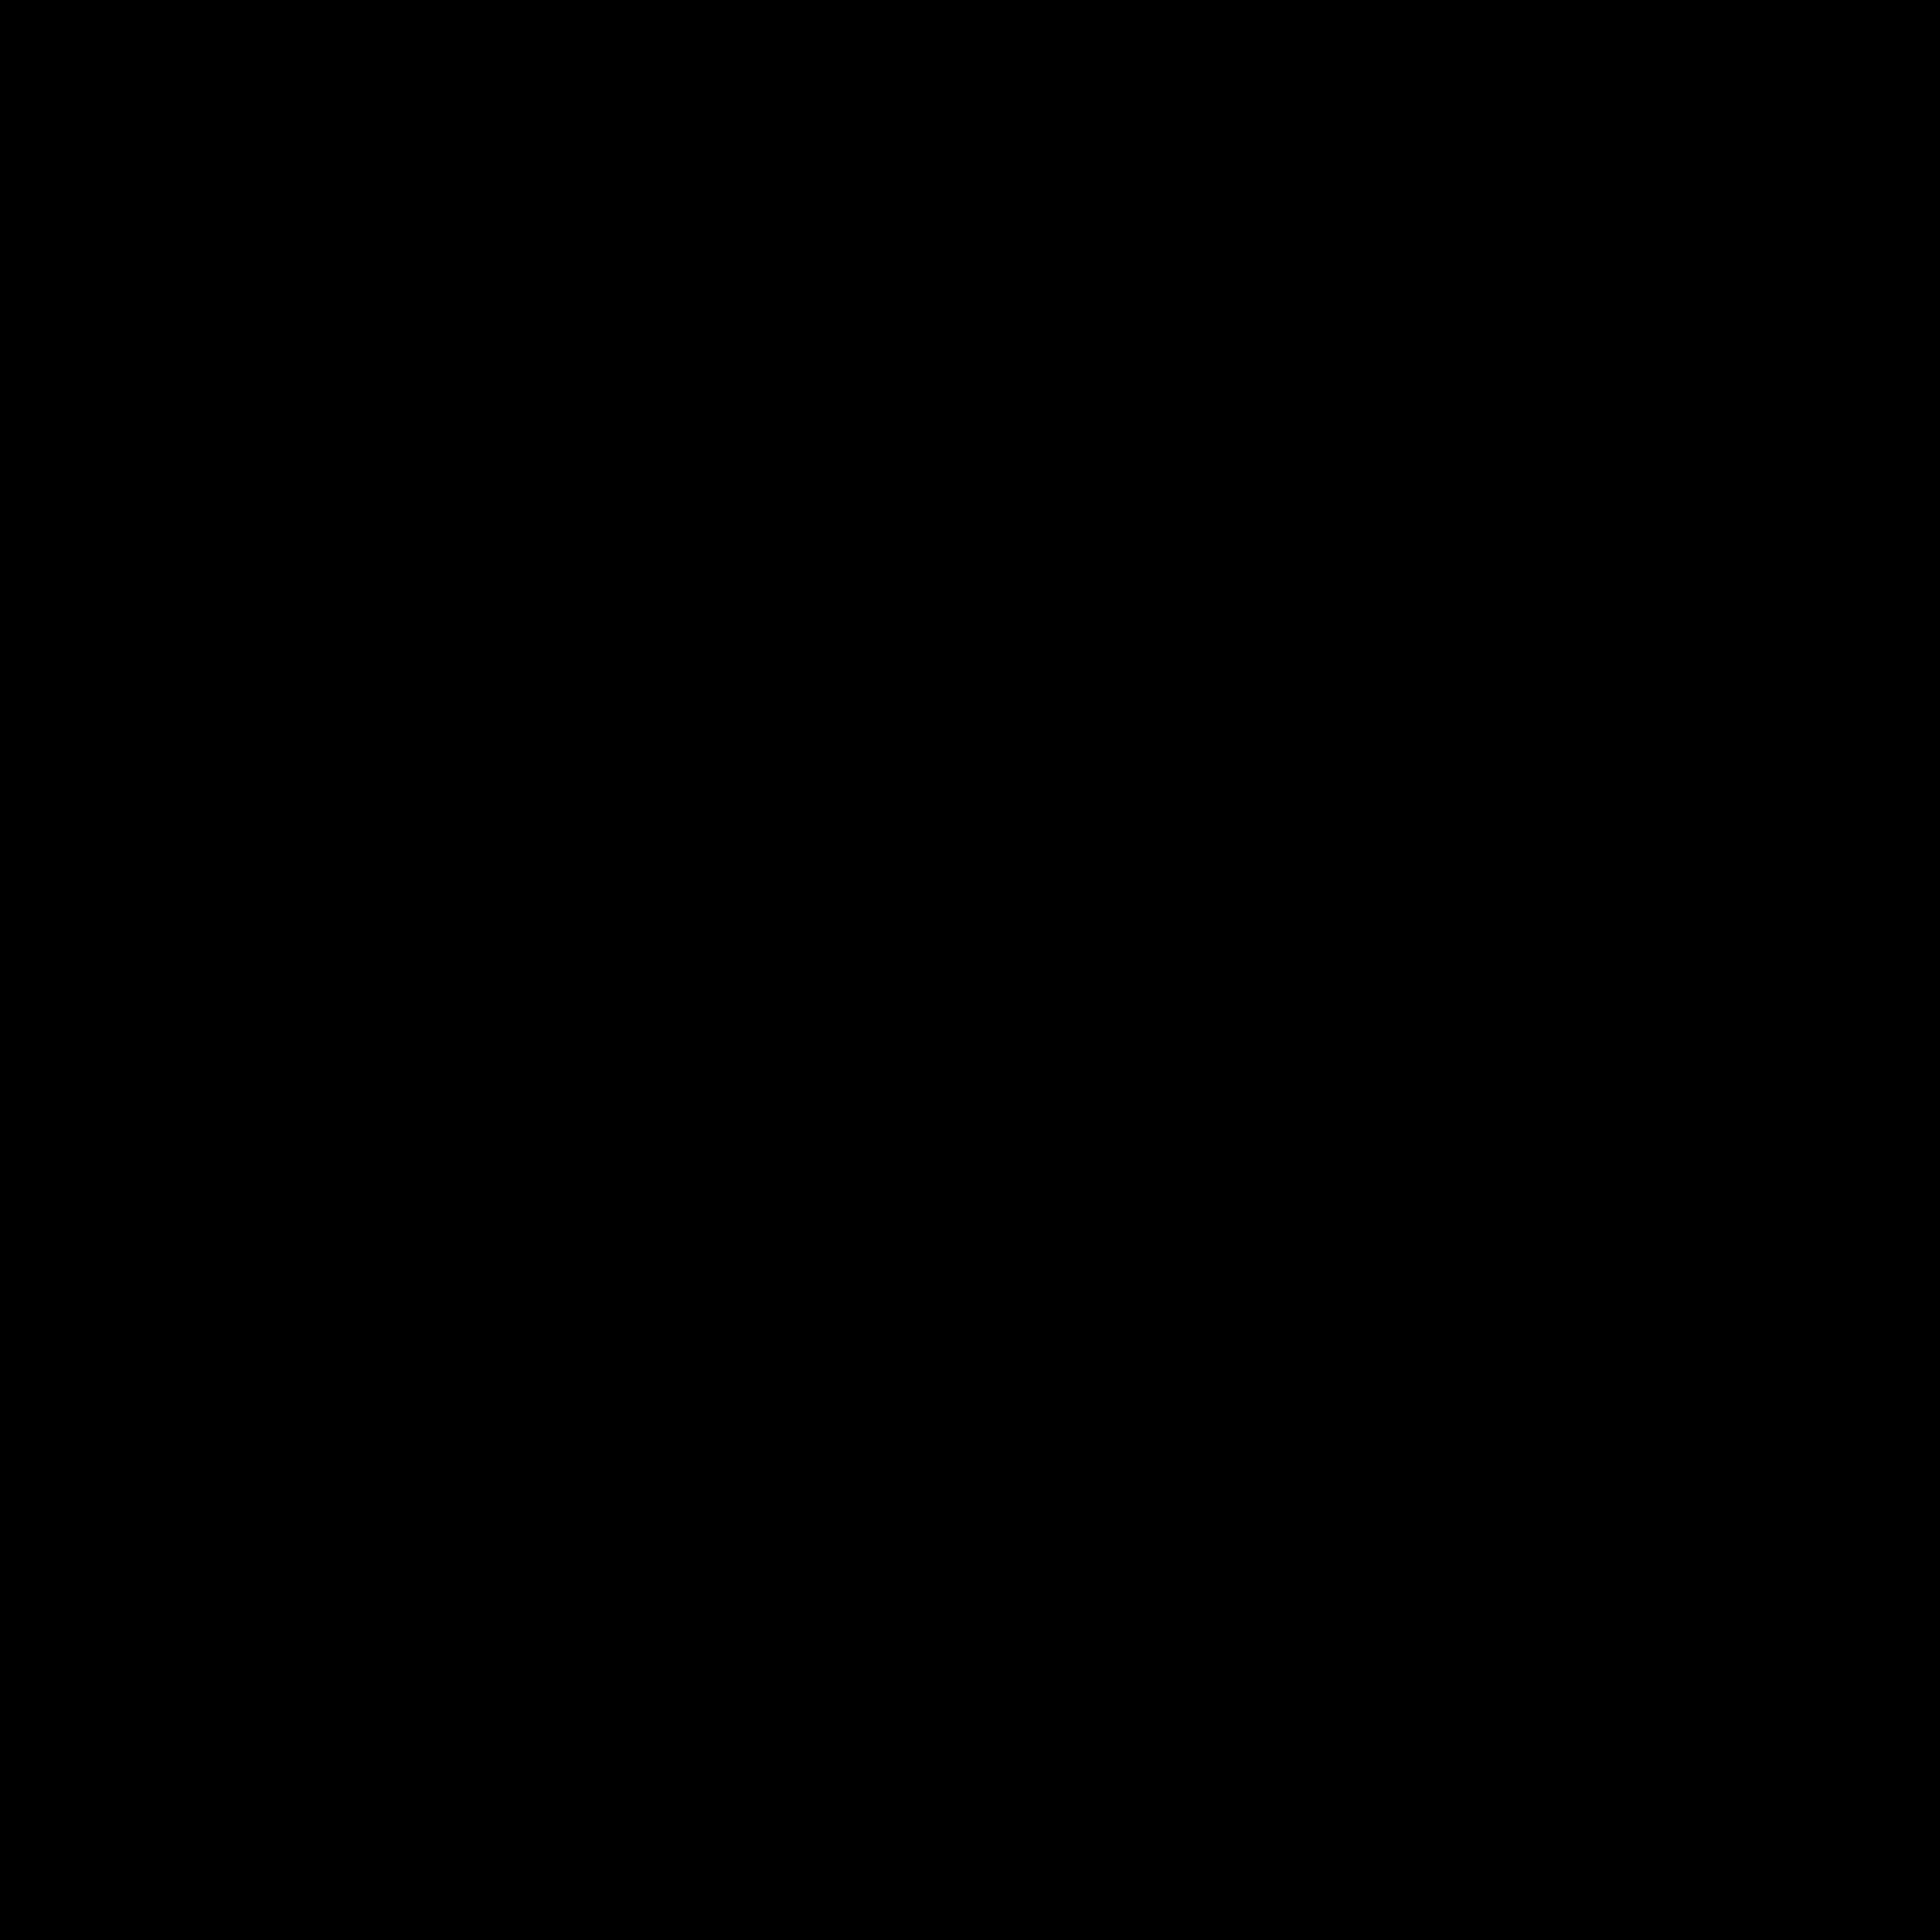 baltika-4-logo-png-transparent.png